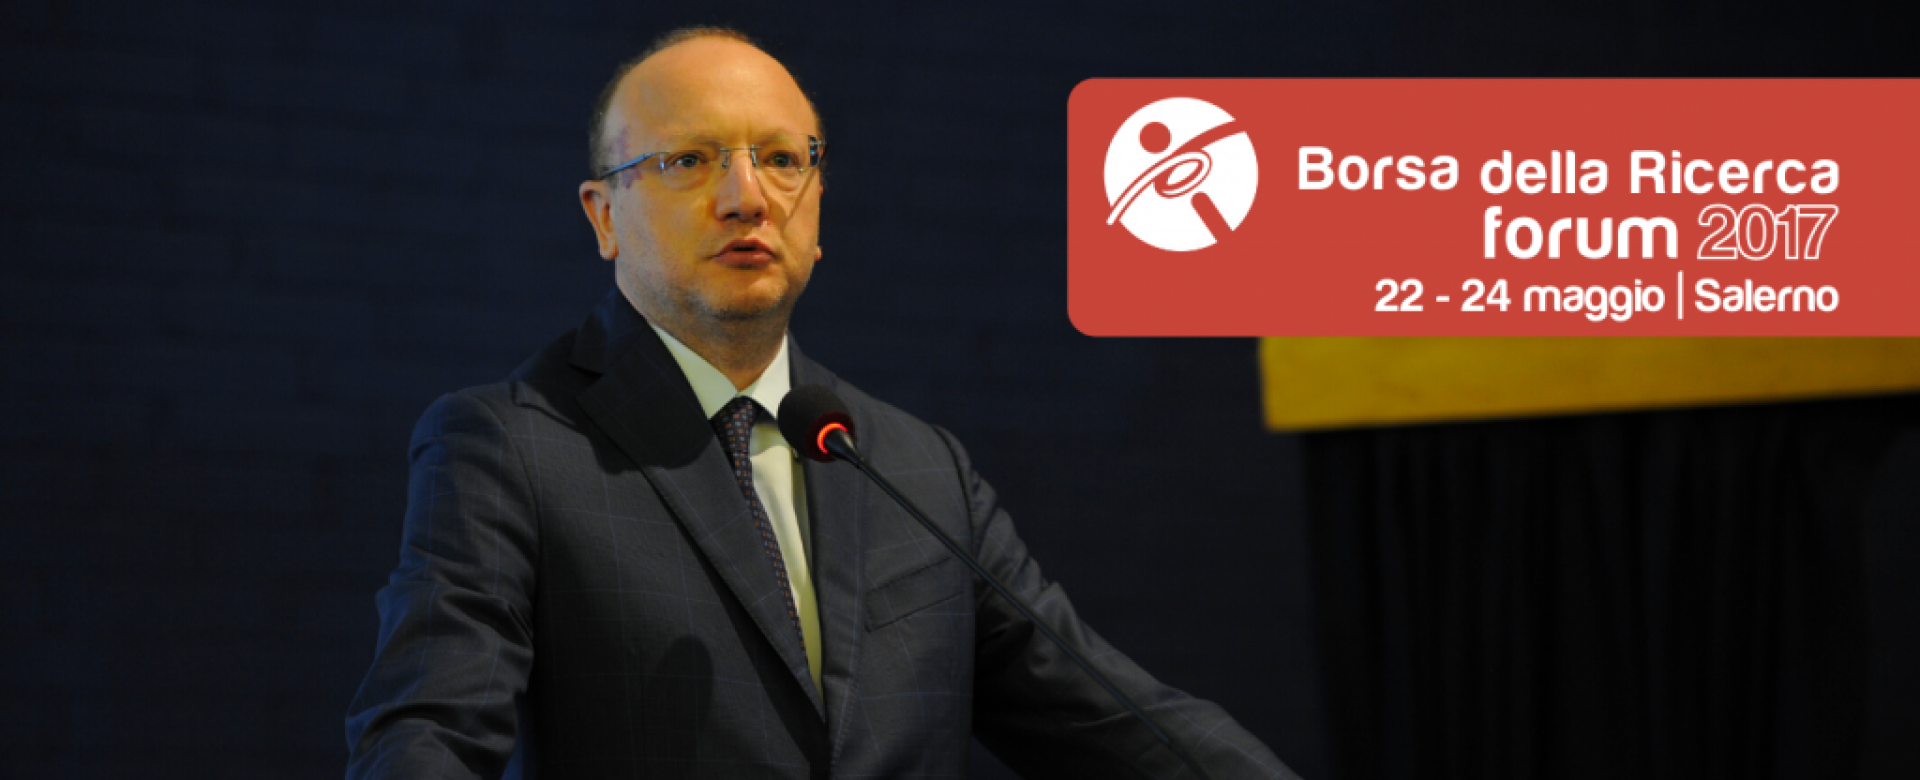 28.05.2017 - Il Presidente Boccia ha aperto la Borsa della Ricerca 2017